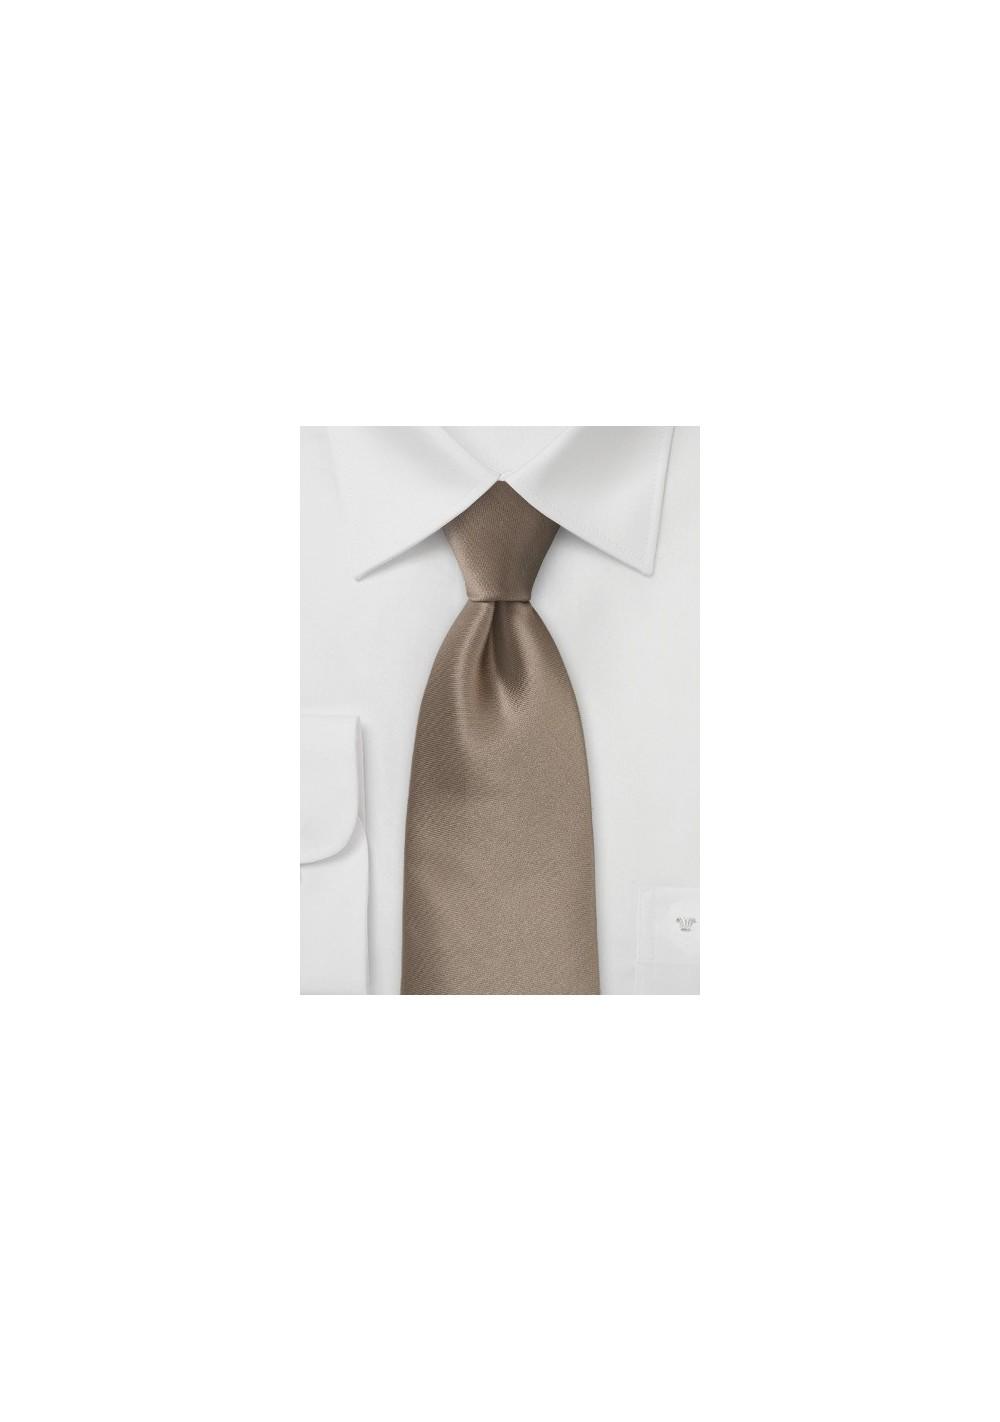 Bronze Brown Tie in XL Length